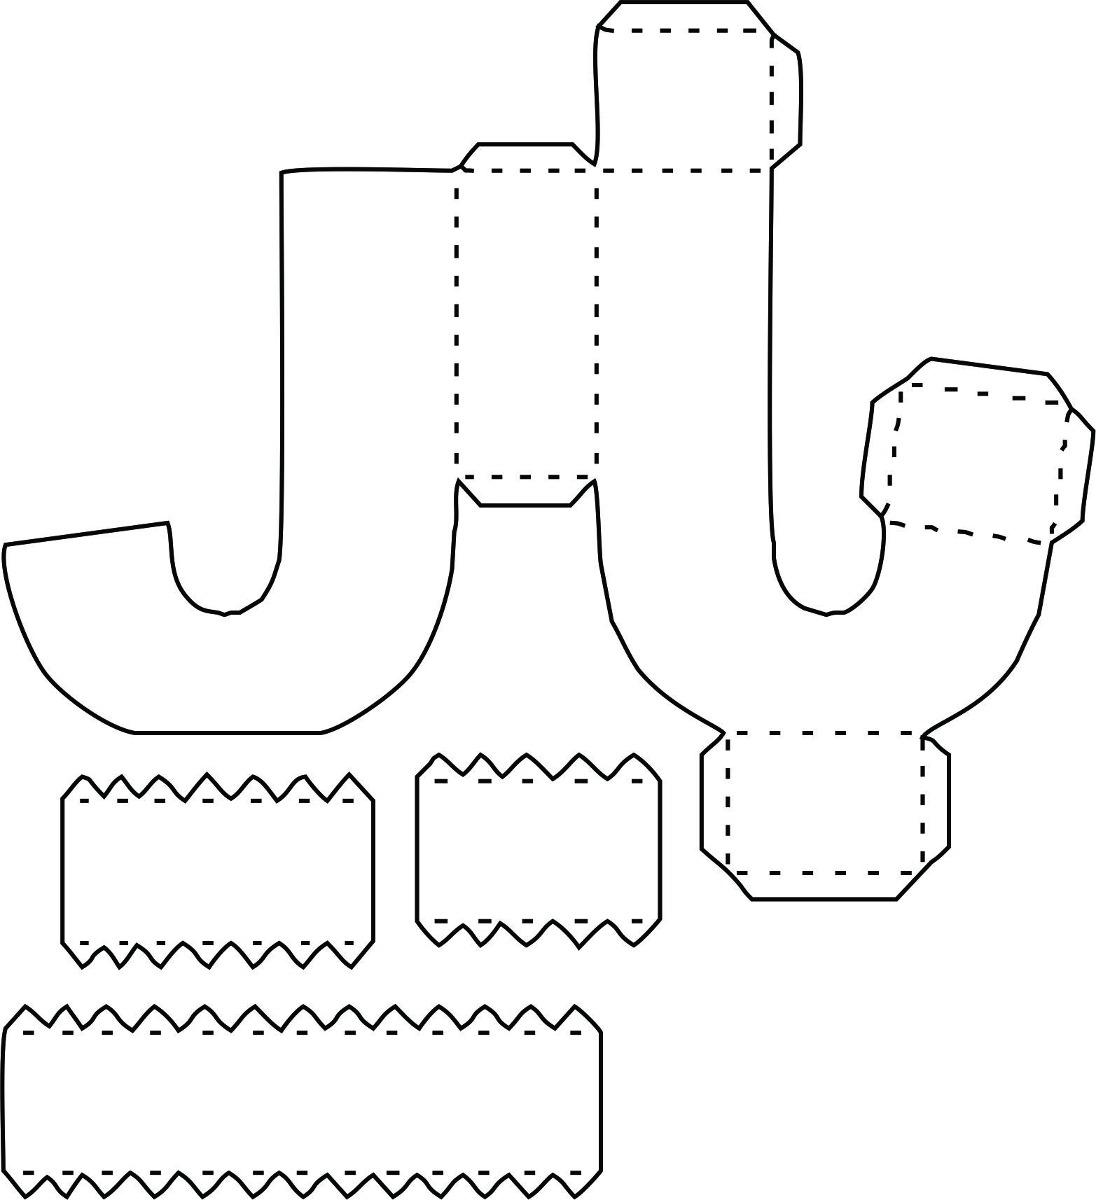 letras 3d molde corte manual nos formatos png pdf e studio r 4 39 em mercado livre. Black Bedroom Furniture Sets. Home Design Ideas